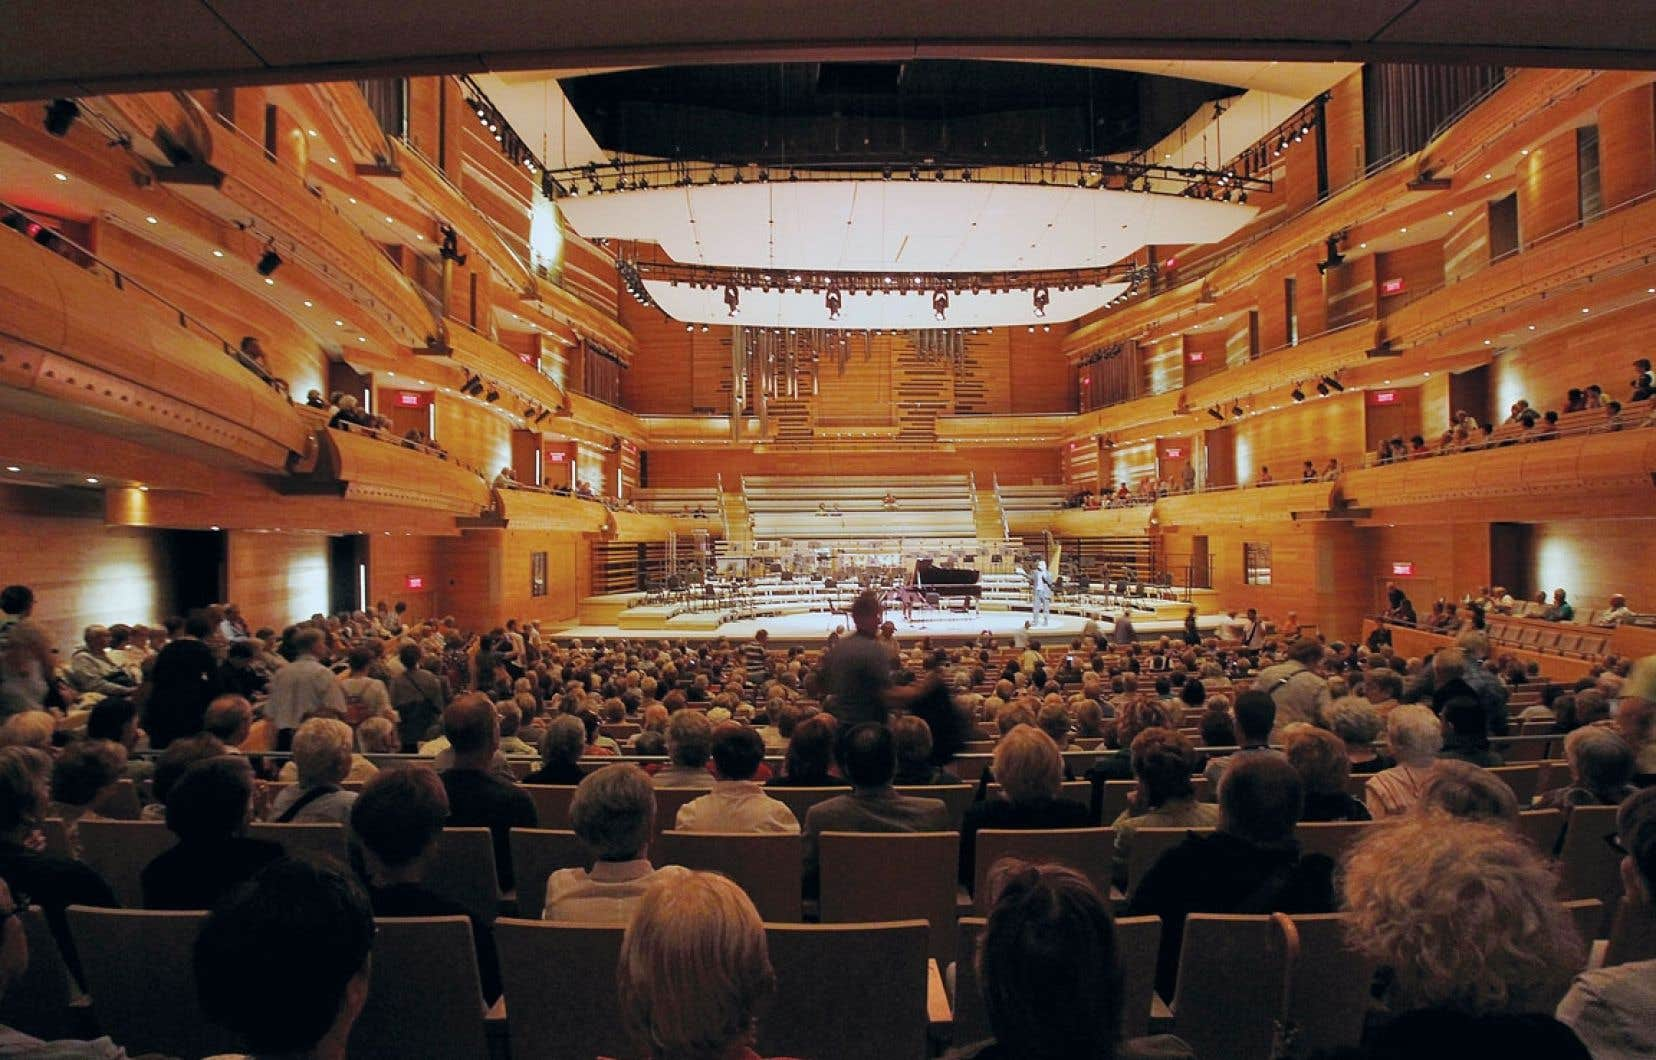 Depuis l'inauguration de la Maison symphonique, en 2011, plusieurs observateurs de la scène musicale s'entendent pour en reconnaître les qualités acoustiques exceptionnelles.